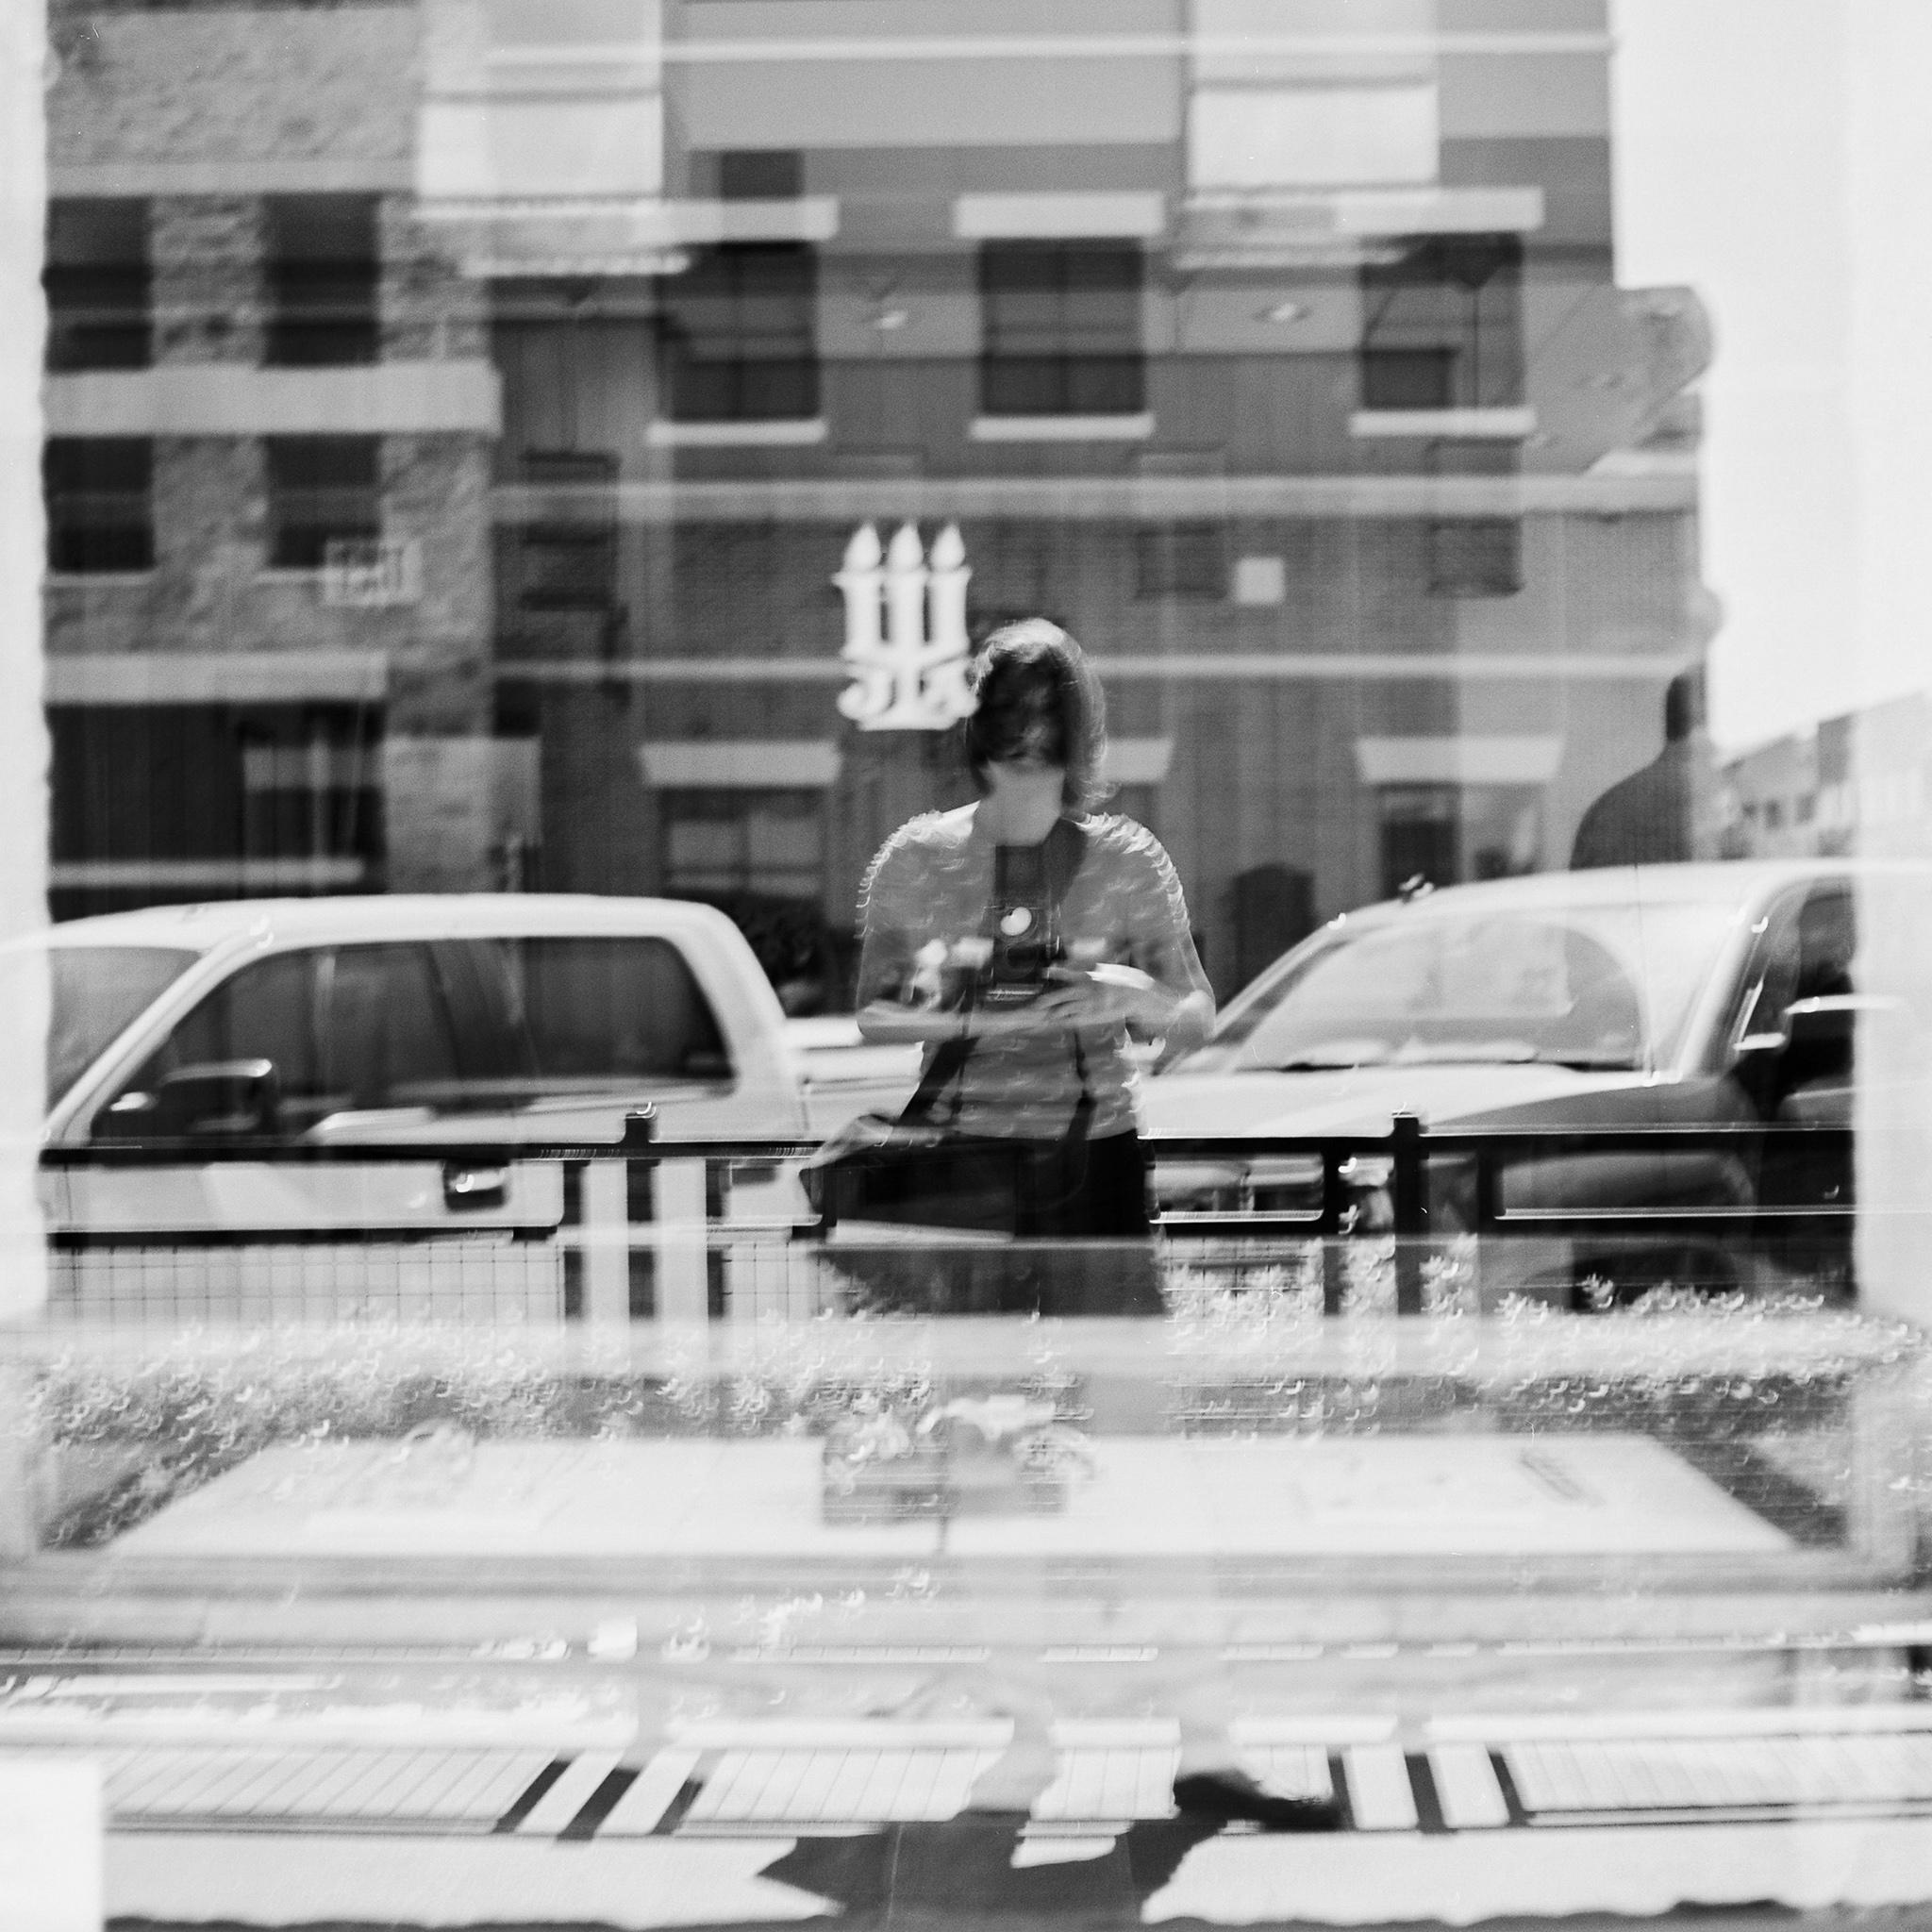 Joyce Kang selfie black and white on mamiya c330